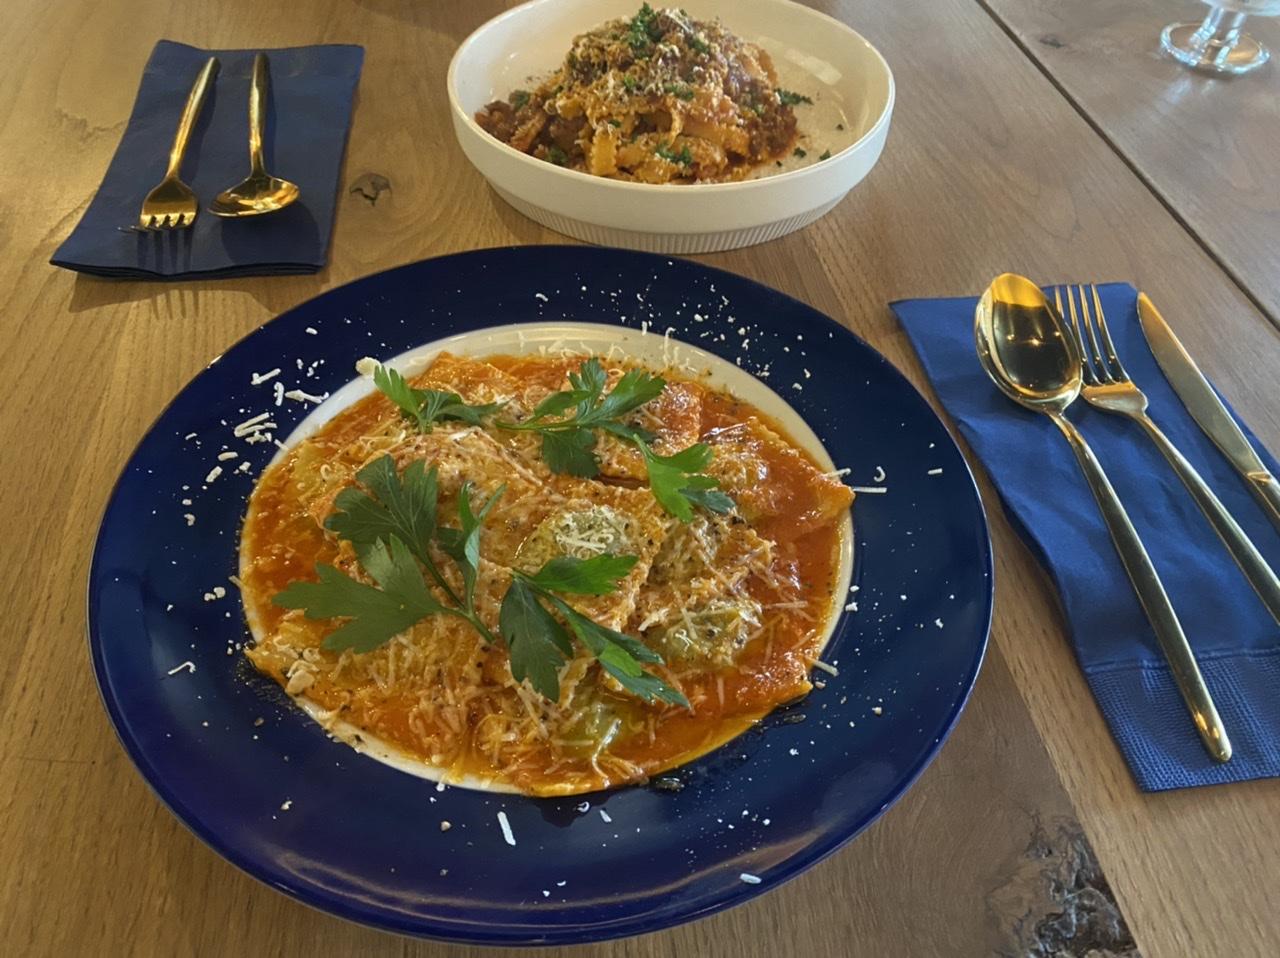 奈良県産ほうれん草と2種のチーズのラヴィオリ・トマトソースのパスタです。